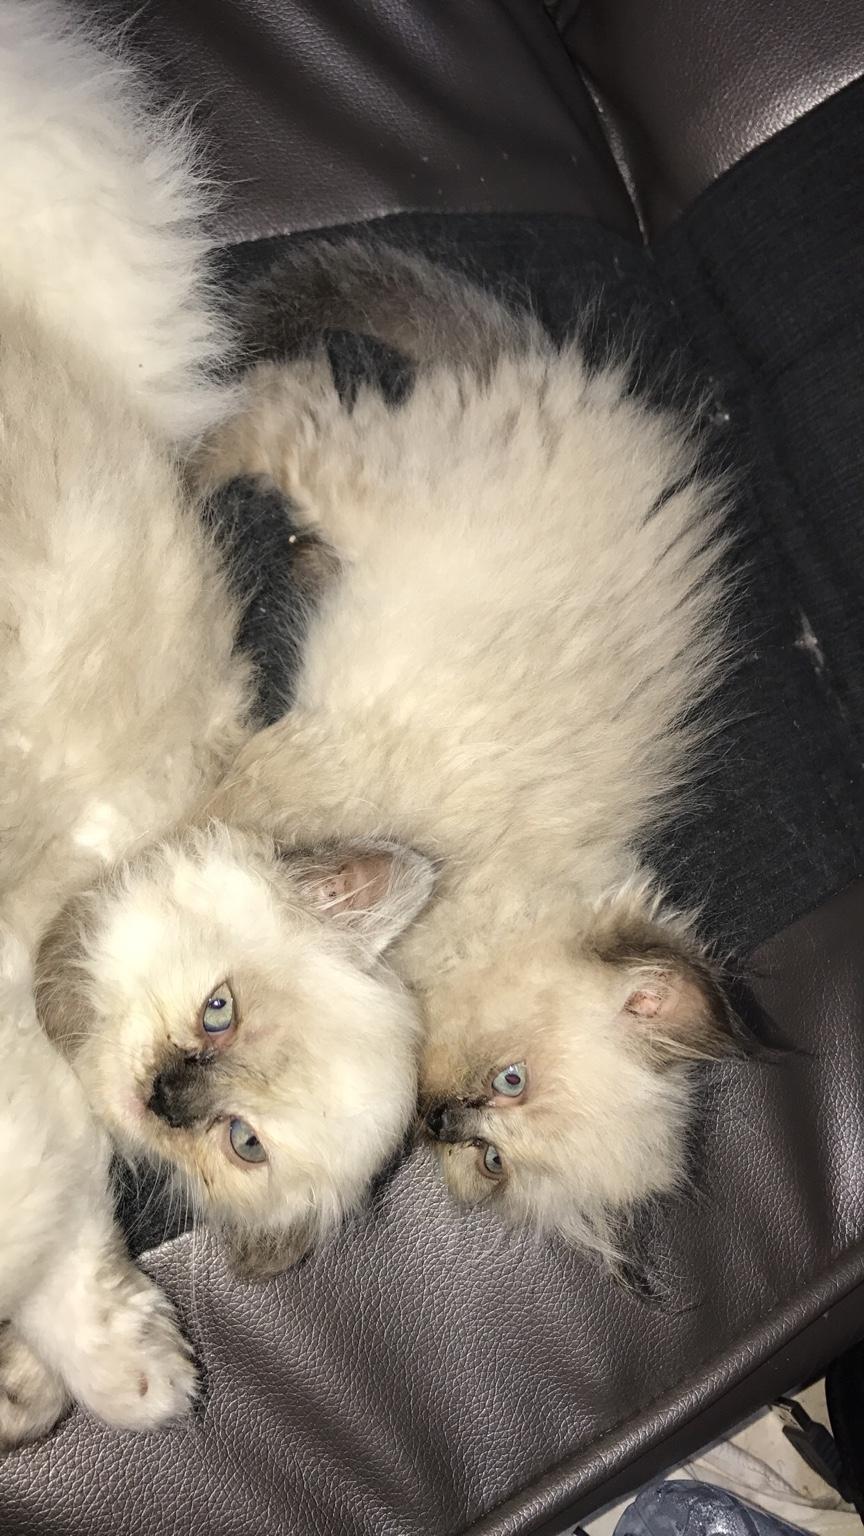 للبيع قطط هملايا بيكي فيس عمر شهرين للبيع 2021 7aabfa6ee6d03a9bb86a590ffe913427